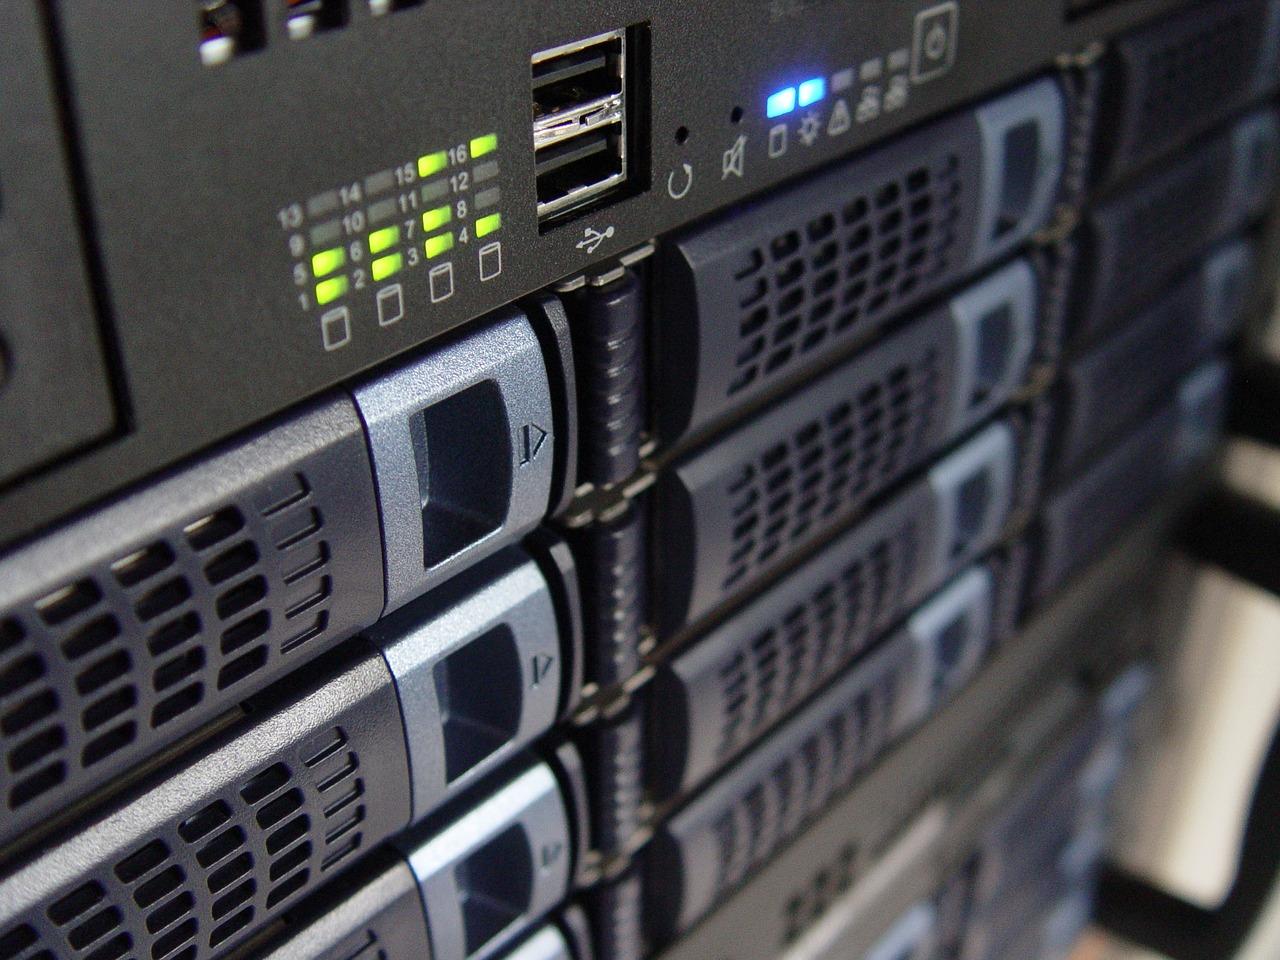 que-es-un-servidor-web-|-definicion-y-ejemplos.jpg